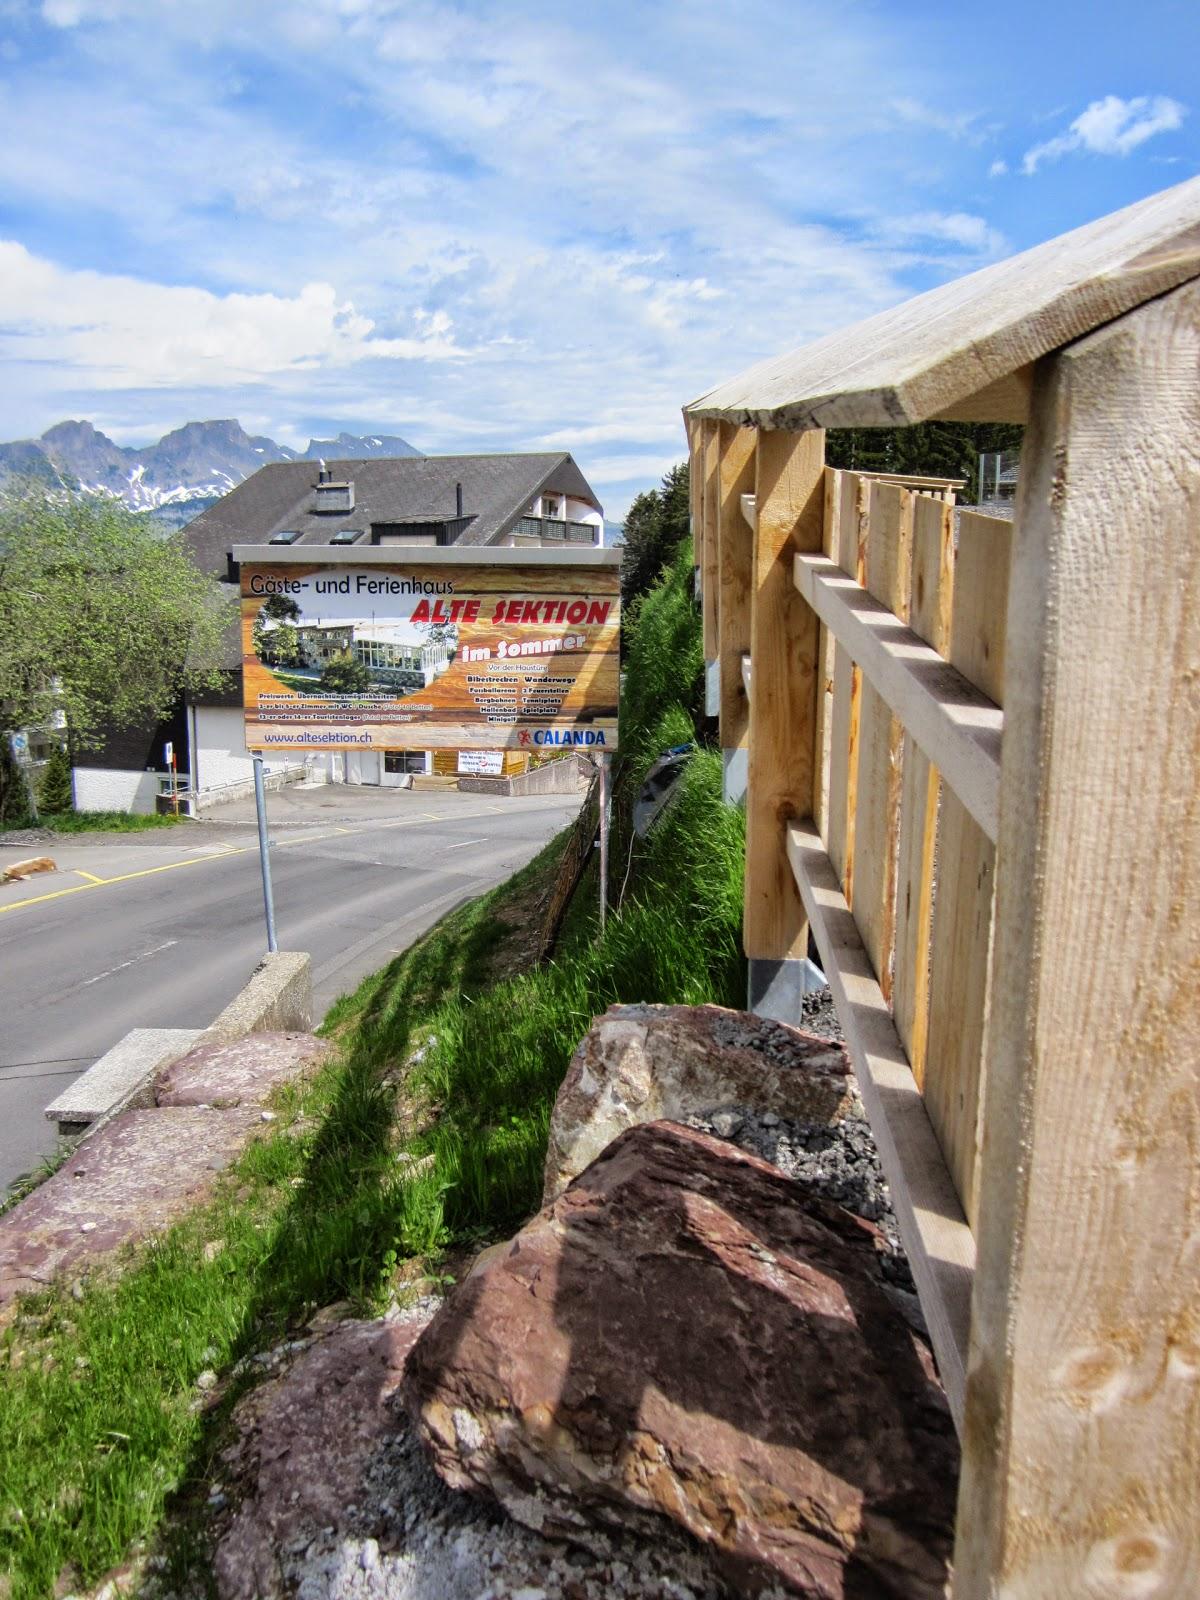 ALTE SEKTION Hotel-Restaurant-Ferienhaus